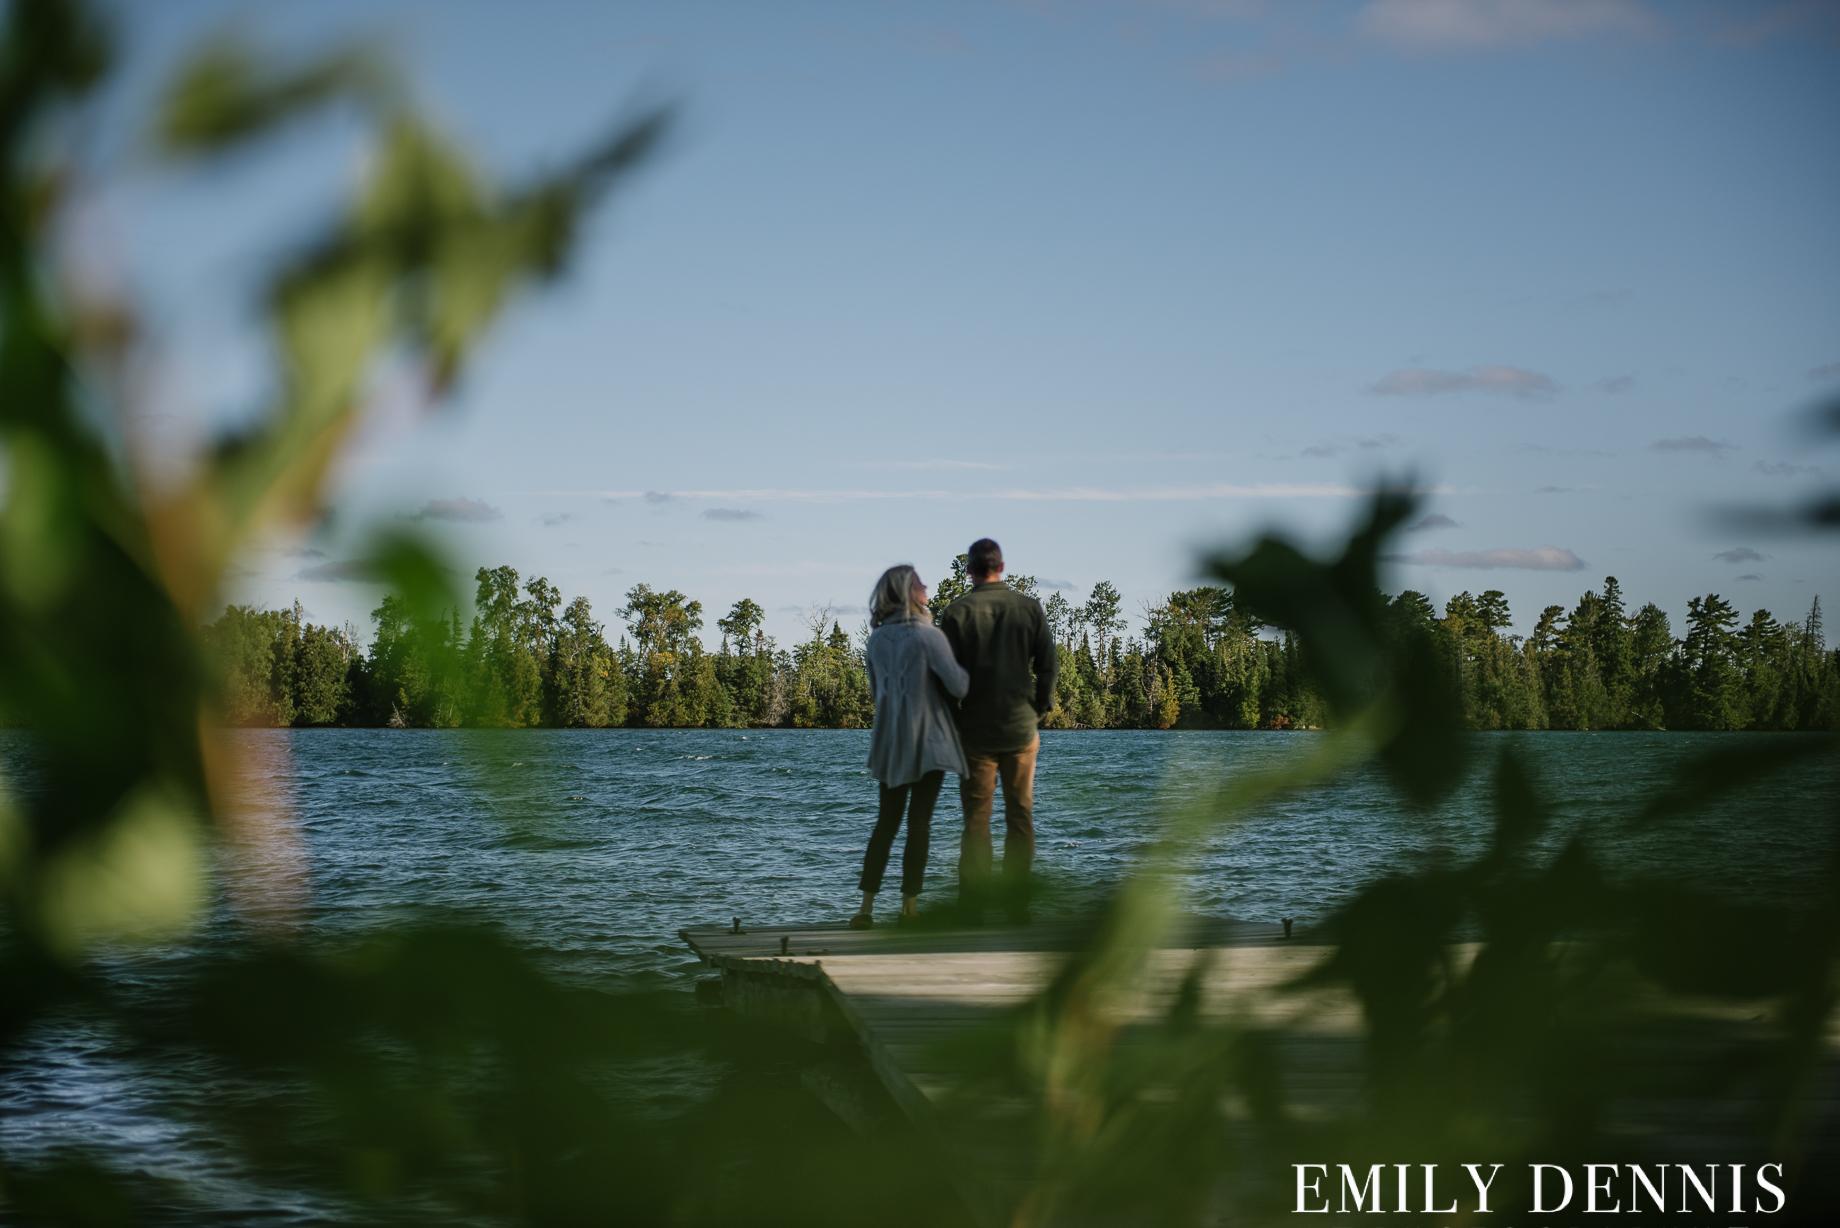 Eric_Corrin_emilydennisphotography-82